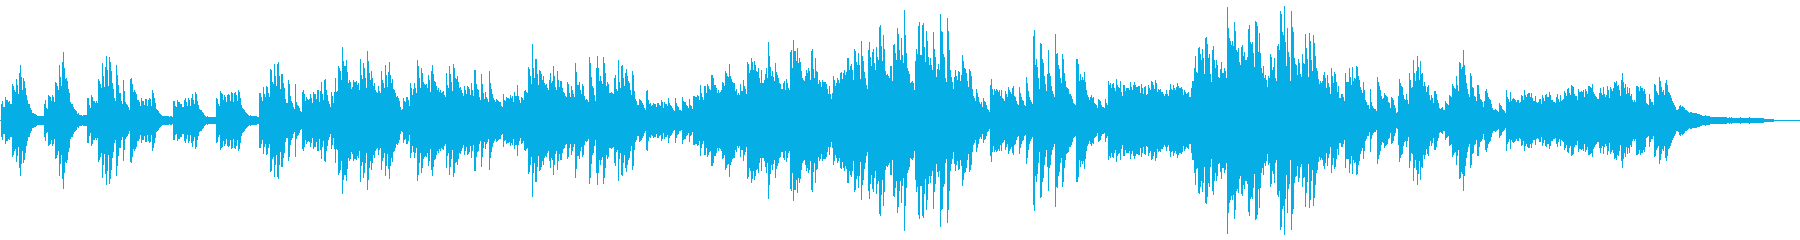 しっとりと切ない 静謐なピアノソロの再生済みの波形